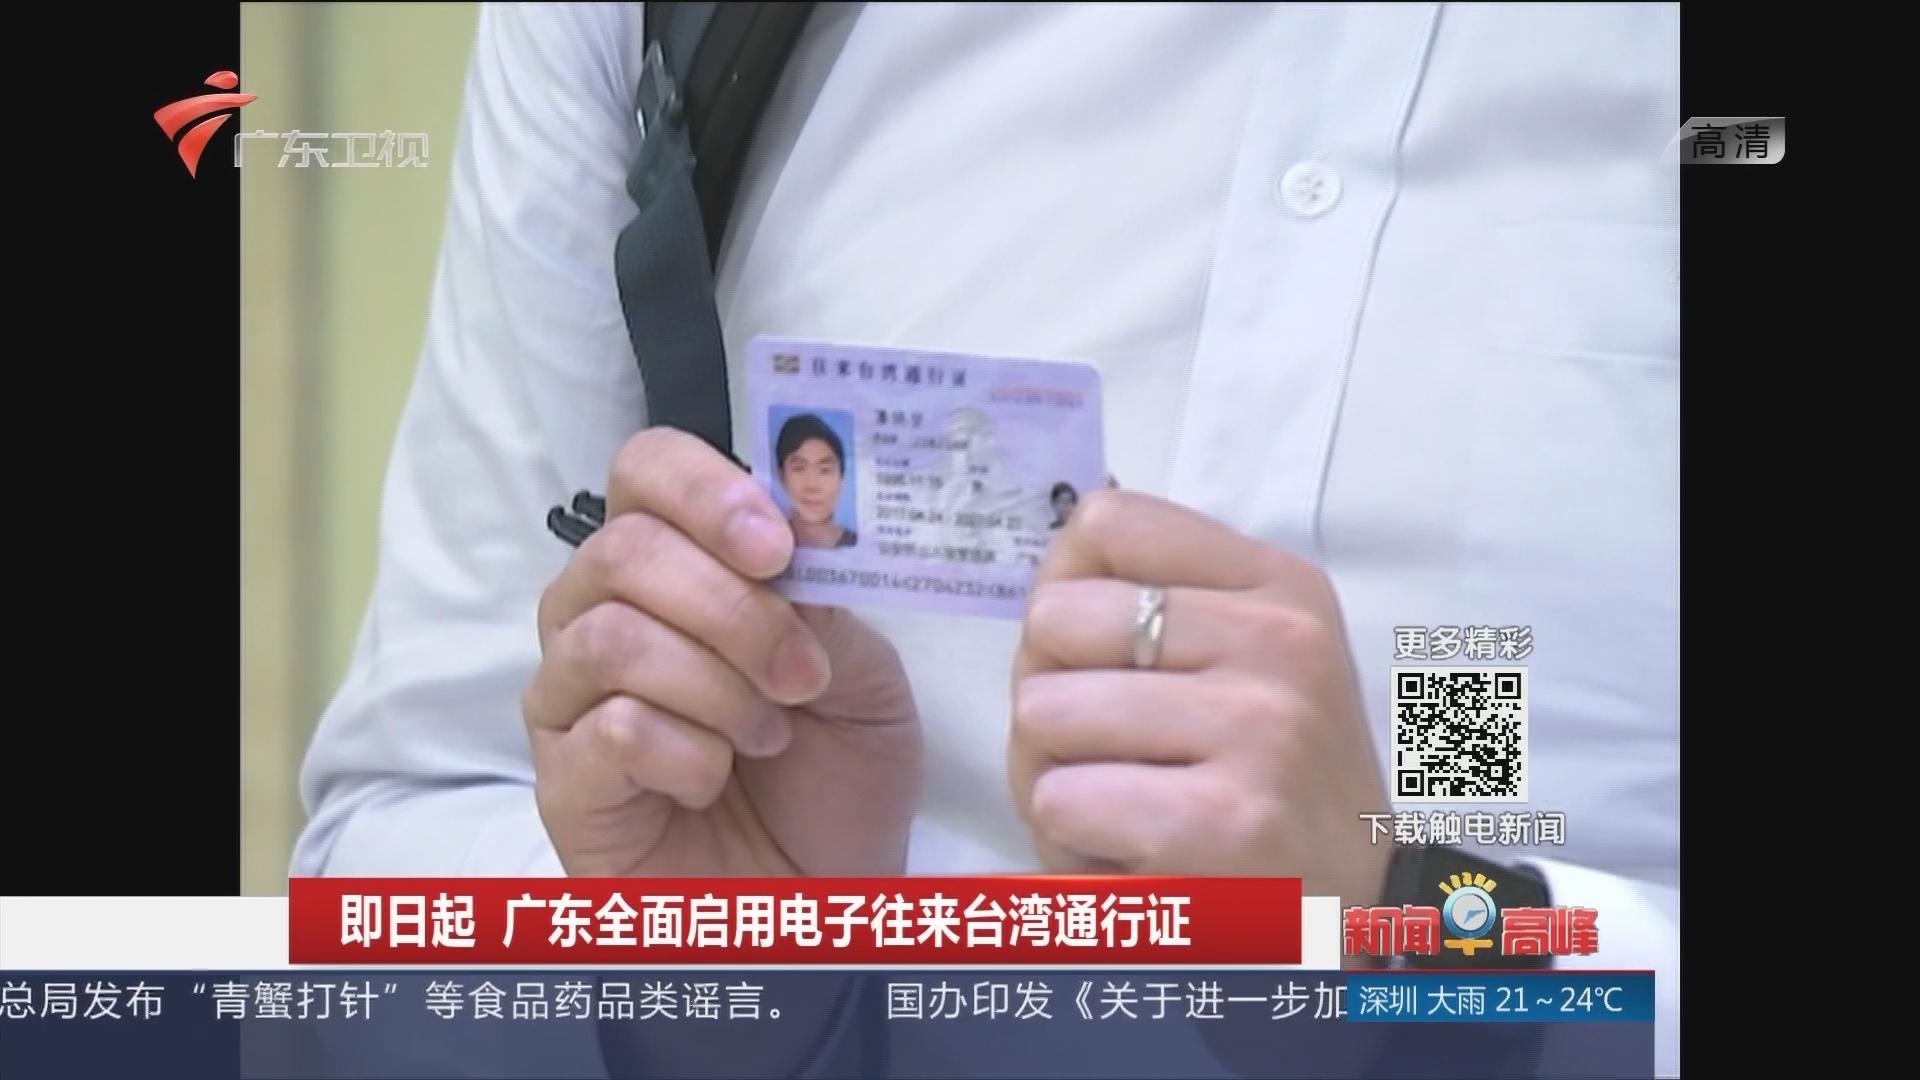 即日起 广东全面启用电子往来台湾通行证